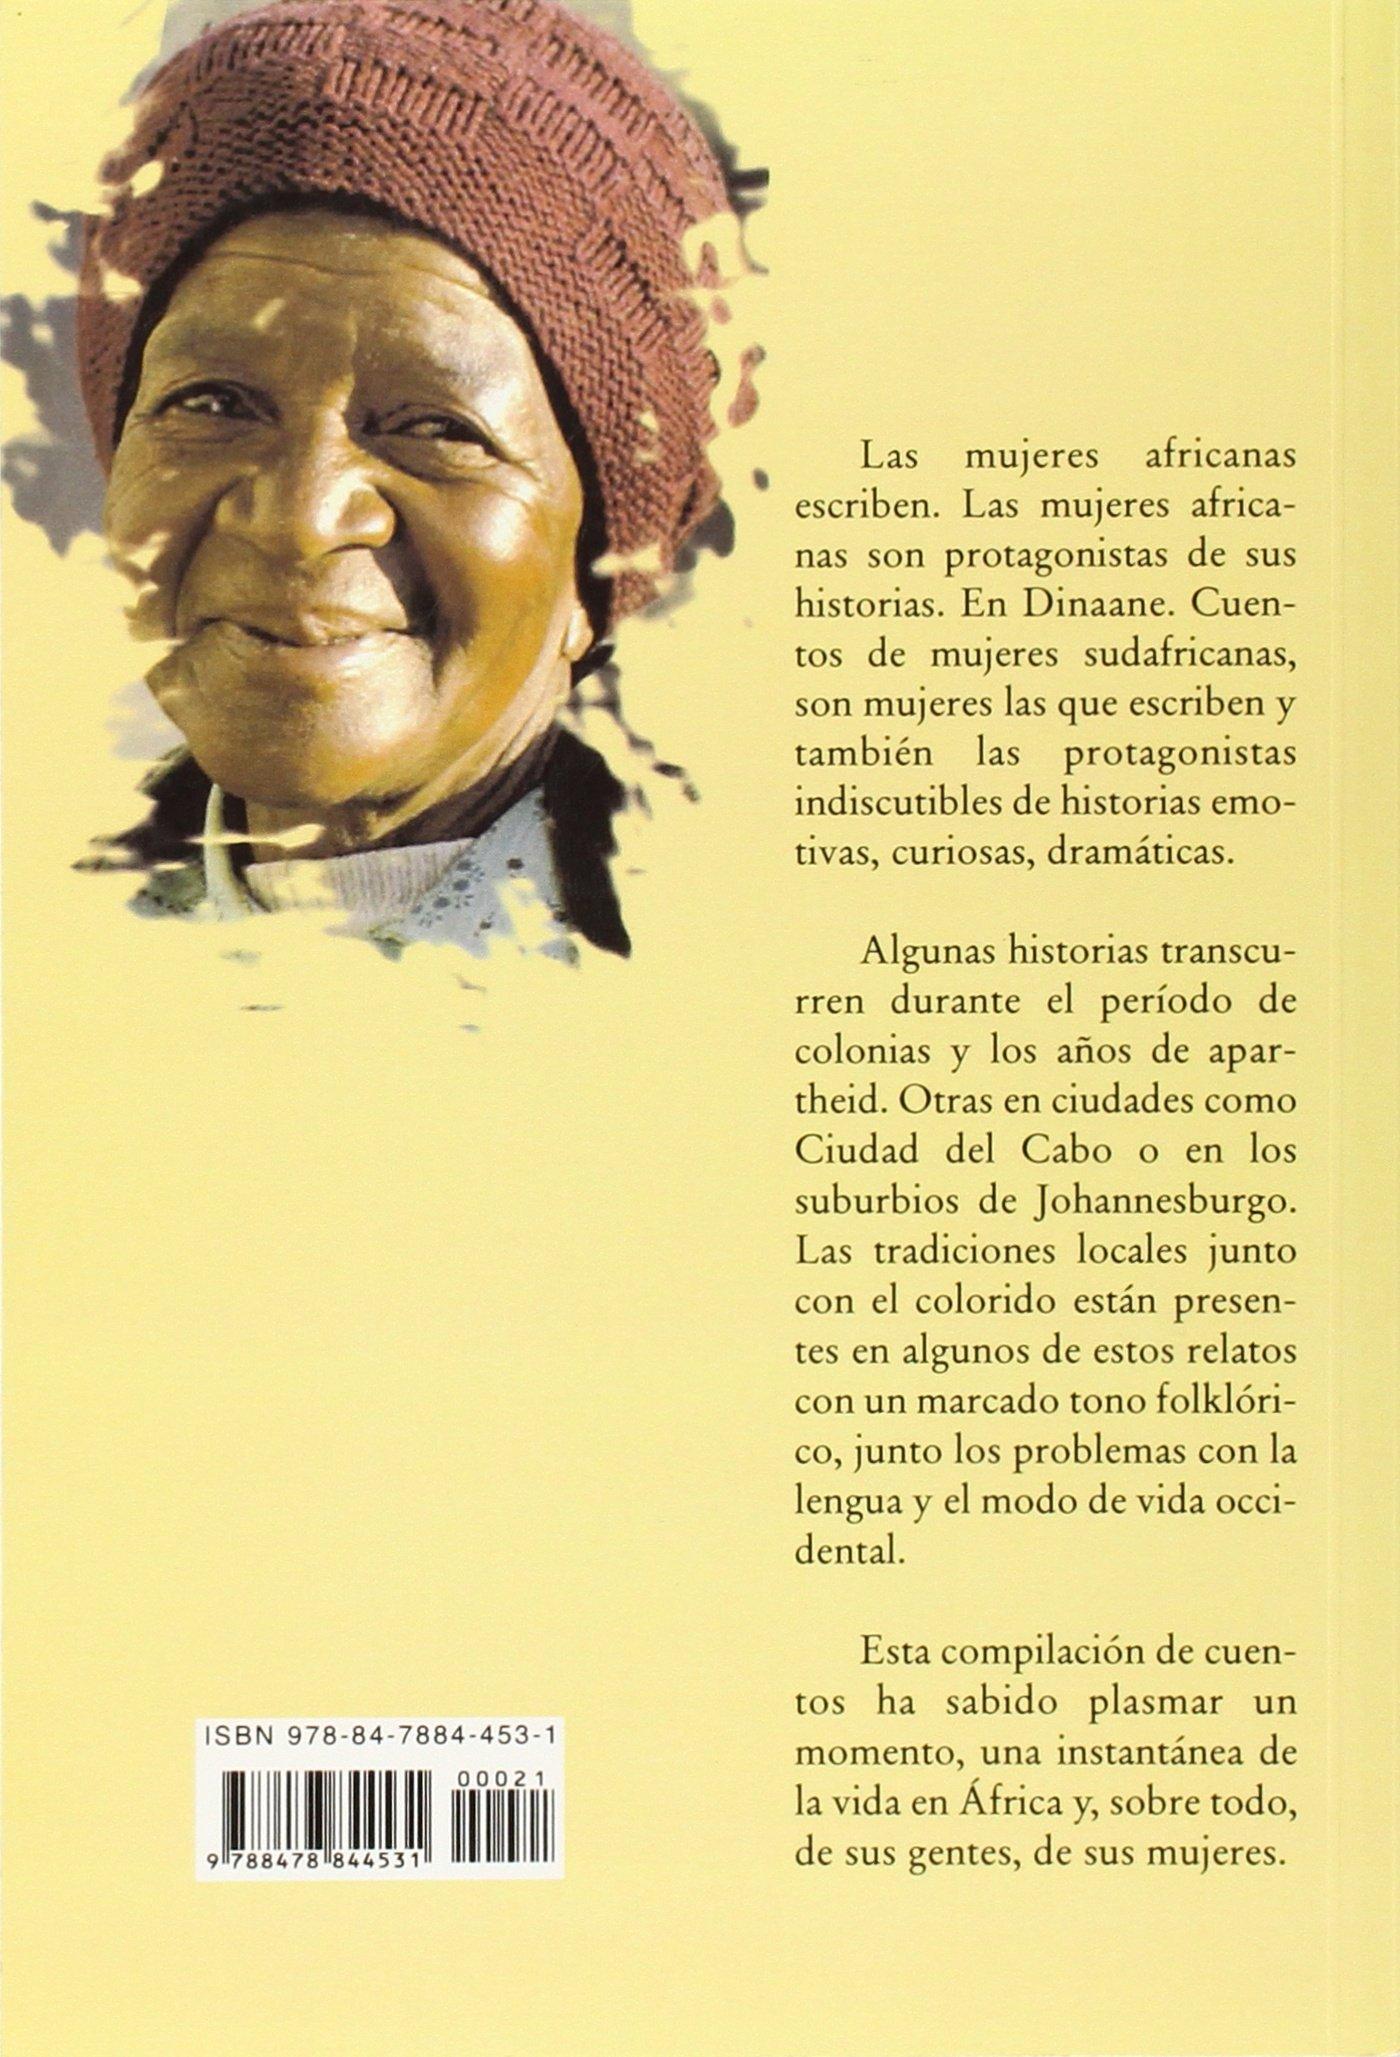 Dinaane: Cuentos de Mujeres Sudafricanas: Varios autores: 9788478844531: Amazon.com: Books